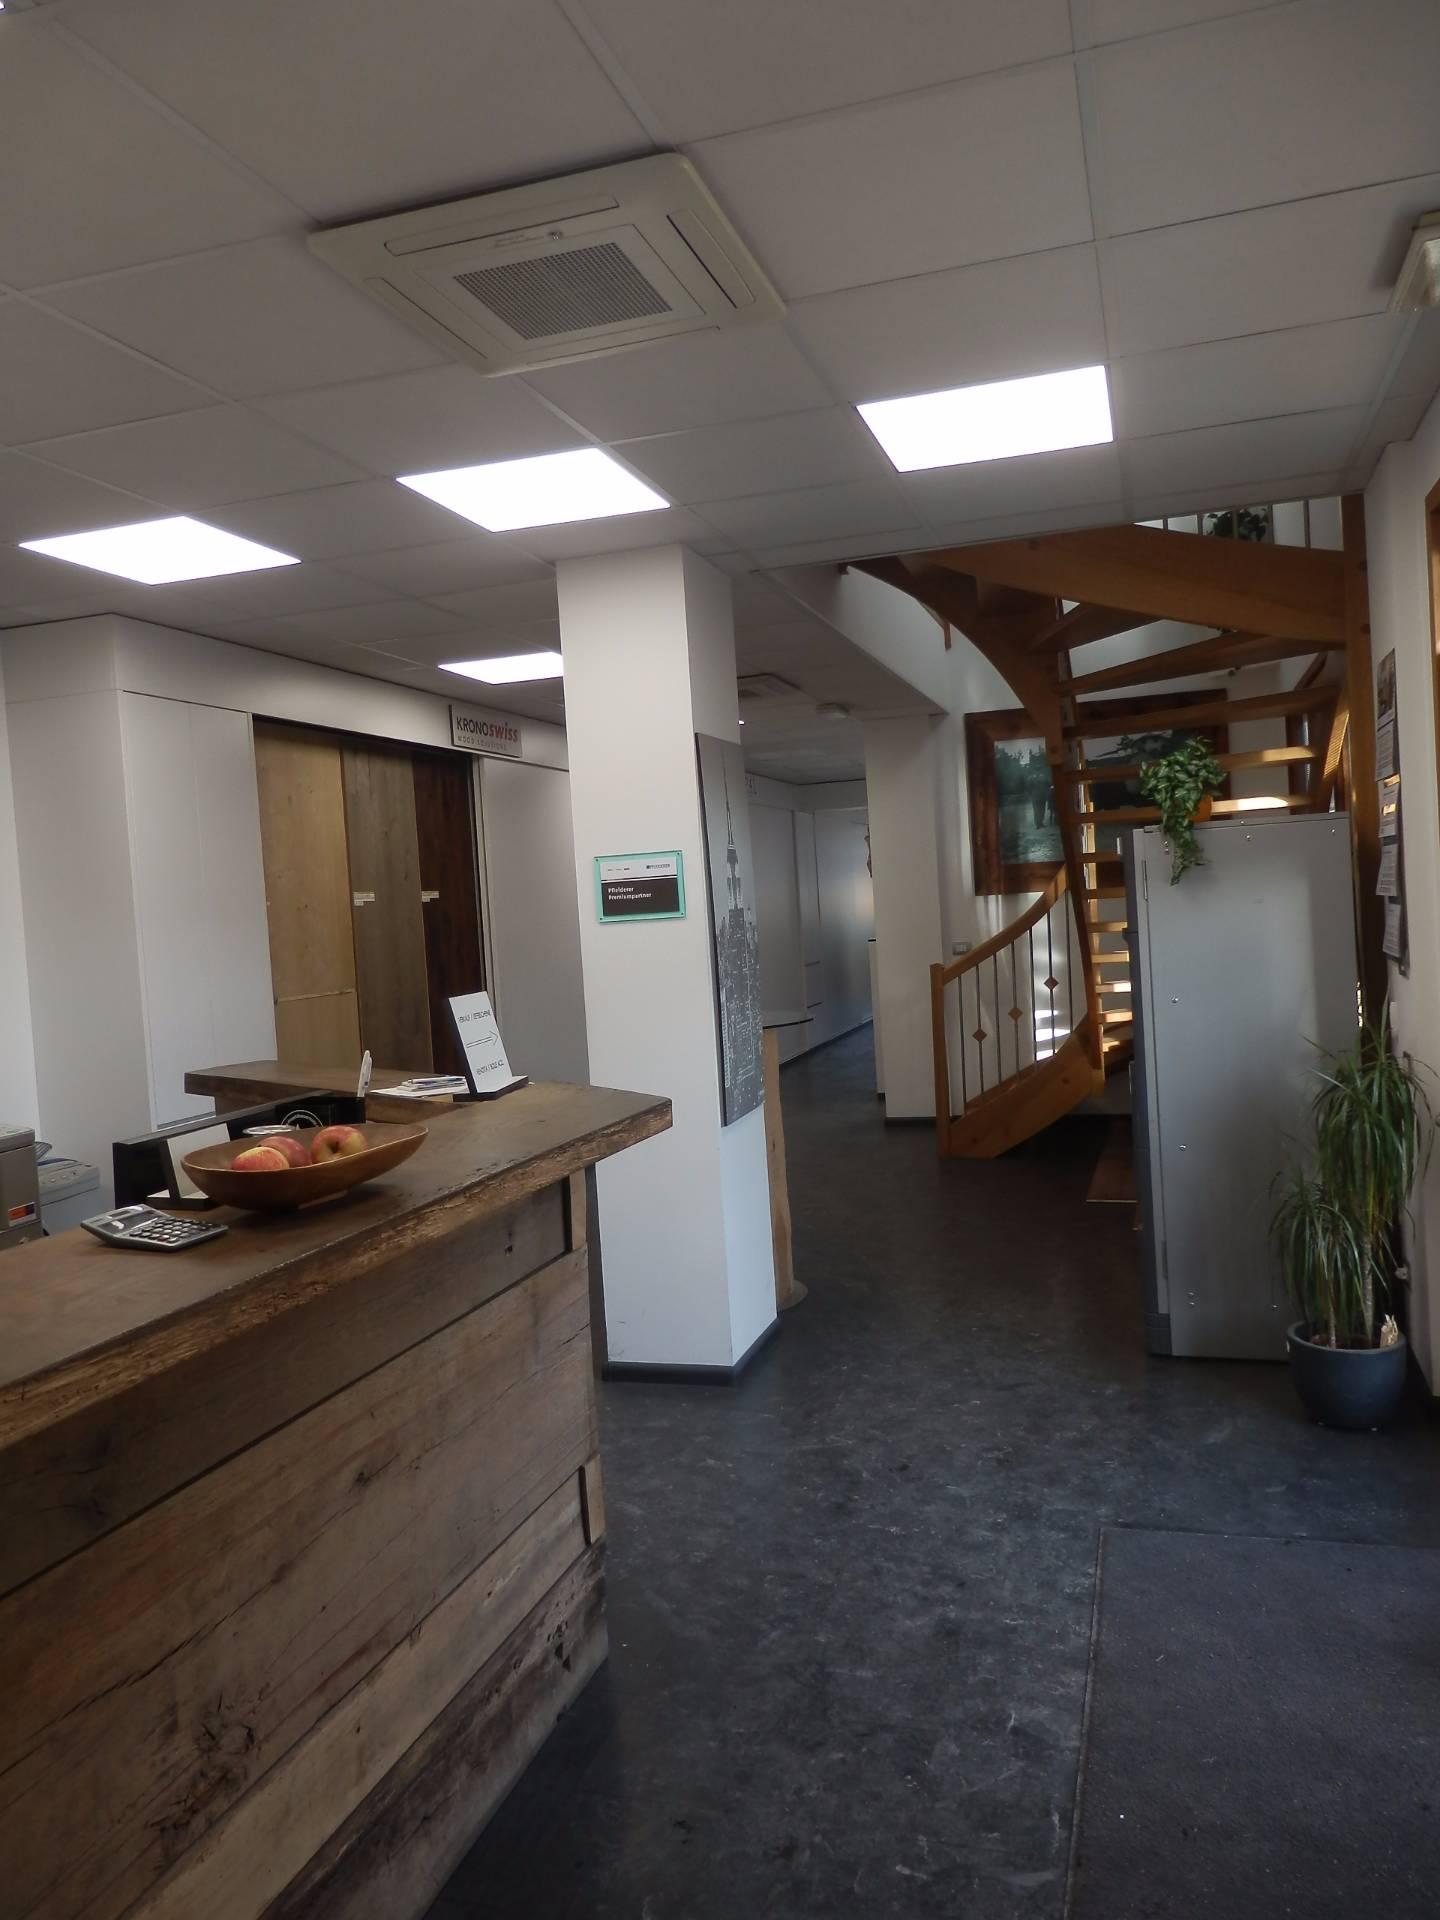 Ufficio / Studio in affitto a Bolzano, 9999 locali, zona Zona: Periferia, prezzo € 2.600 | Cambio Casa.it